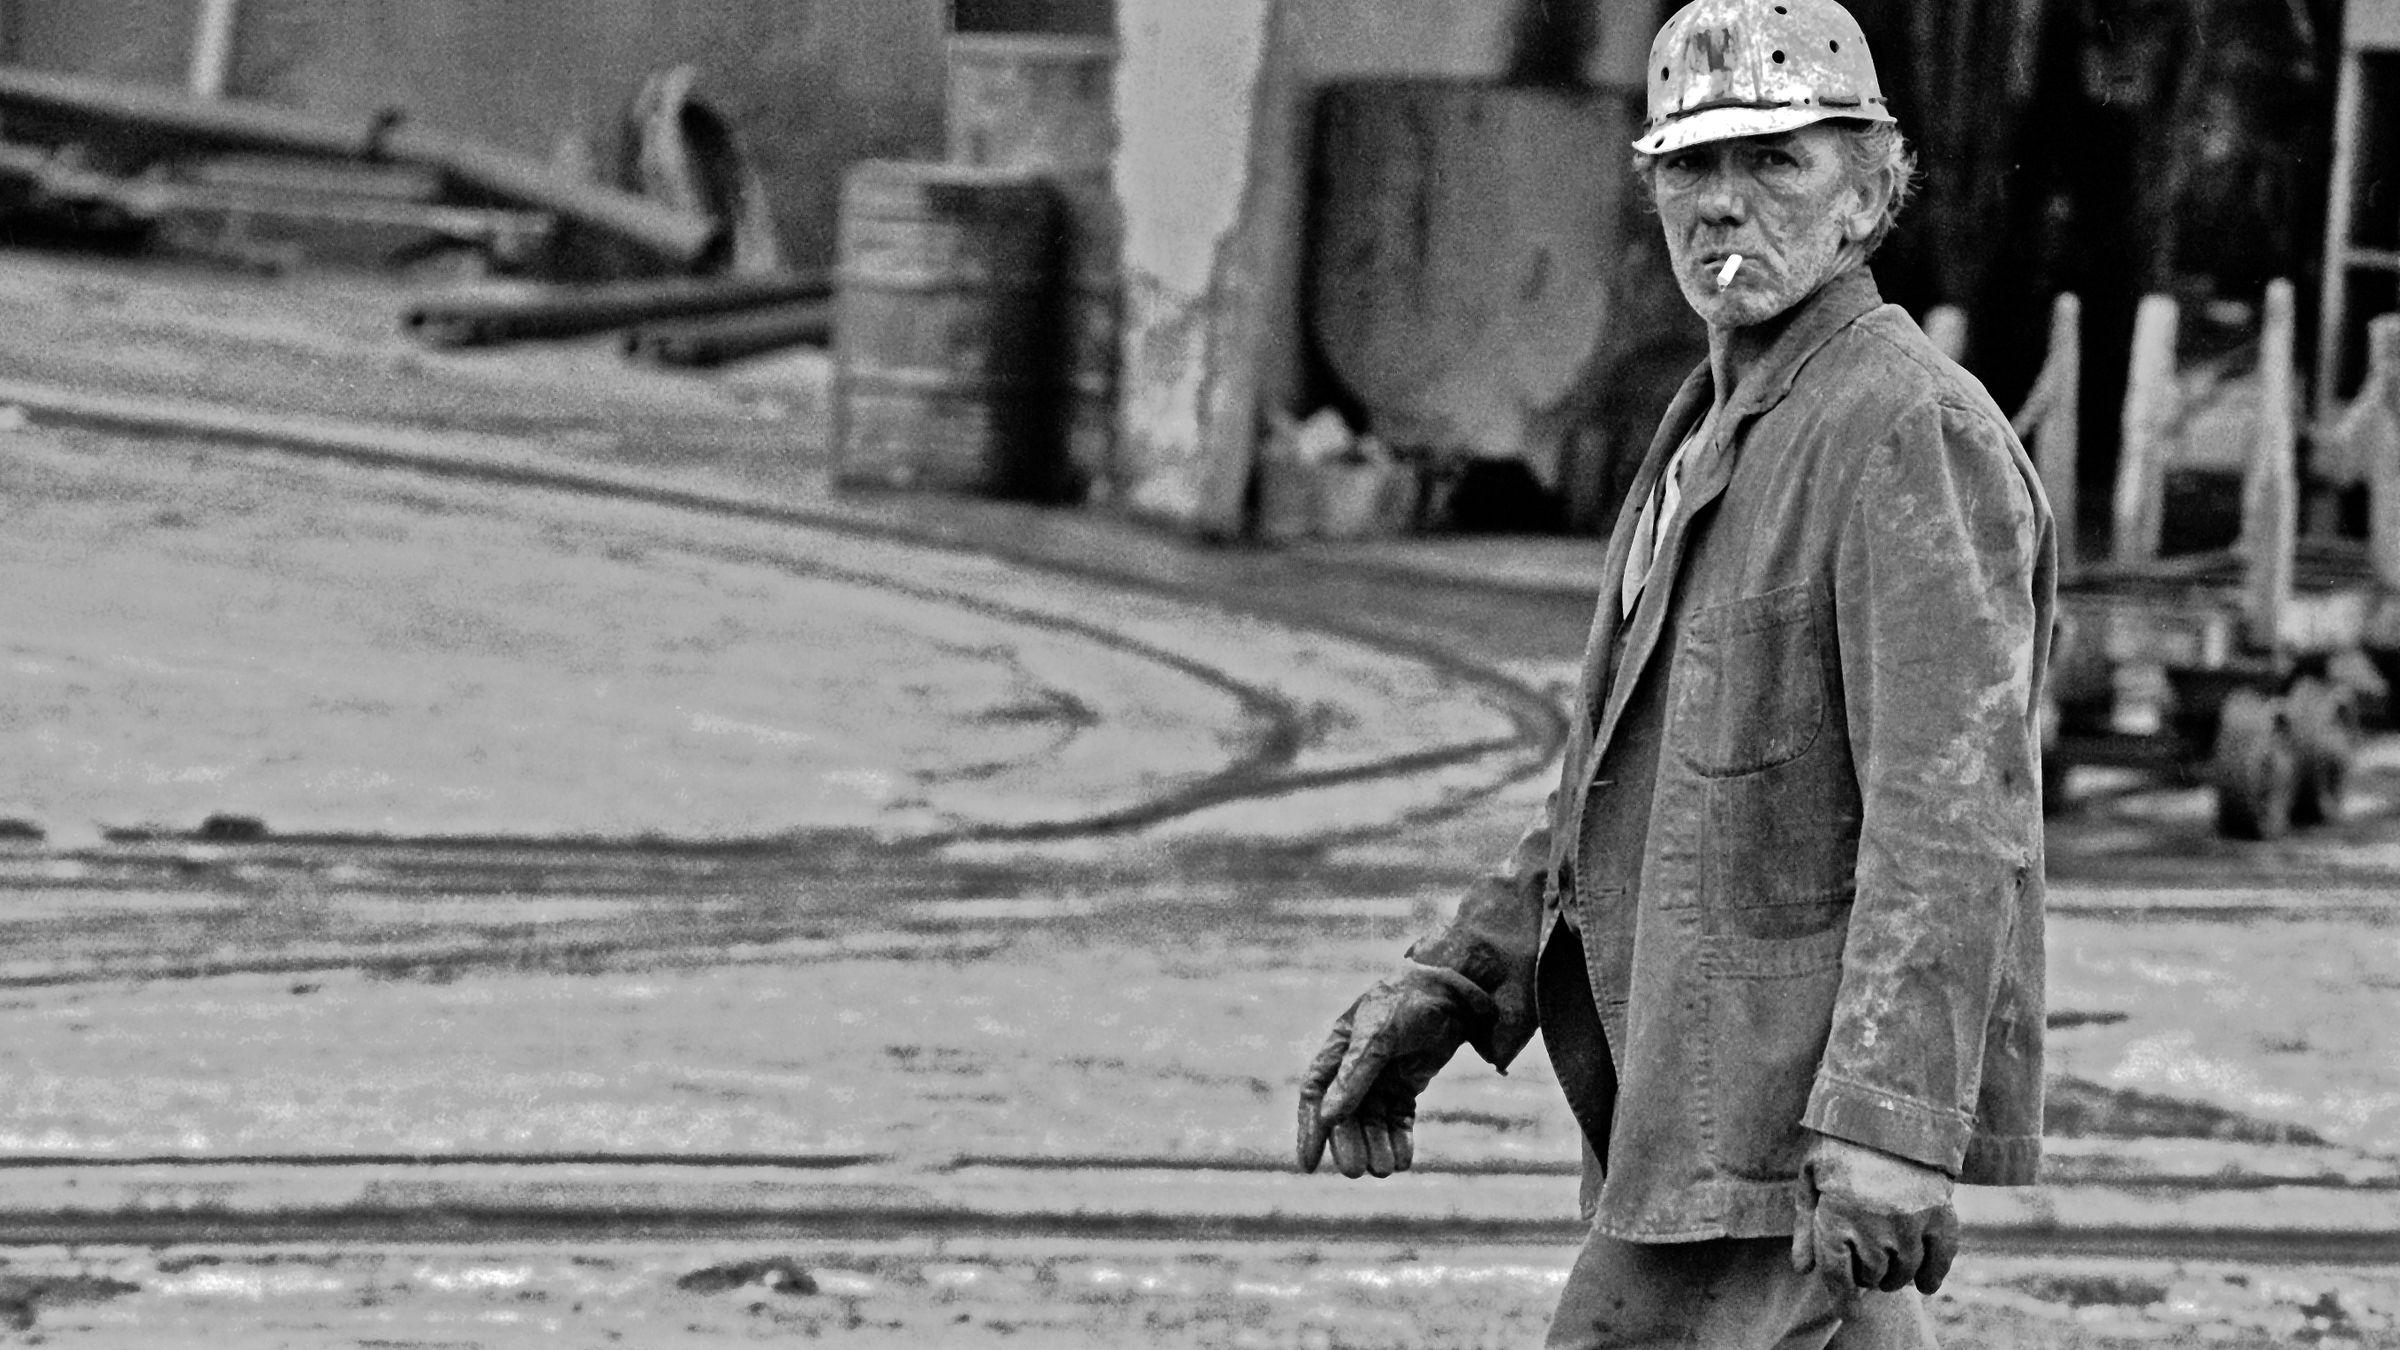 Minero de Minas de Solvay. Lieres. Siero. Asturias 1992